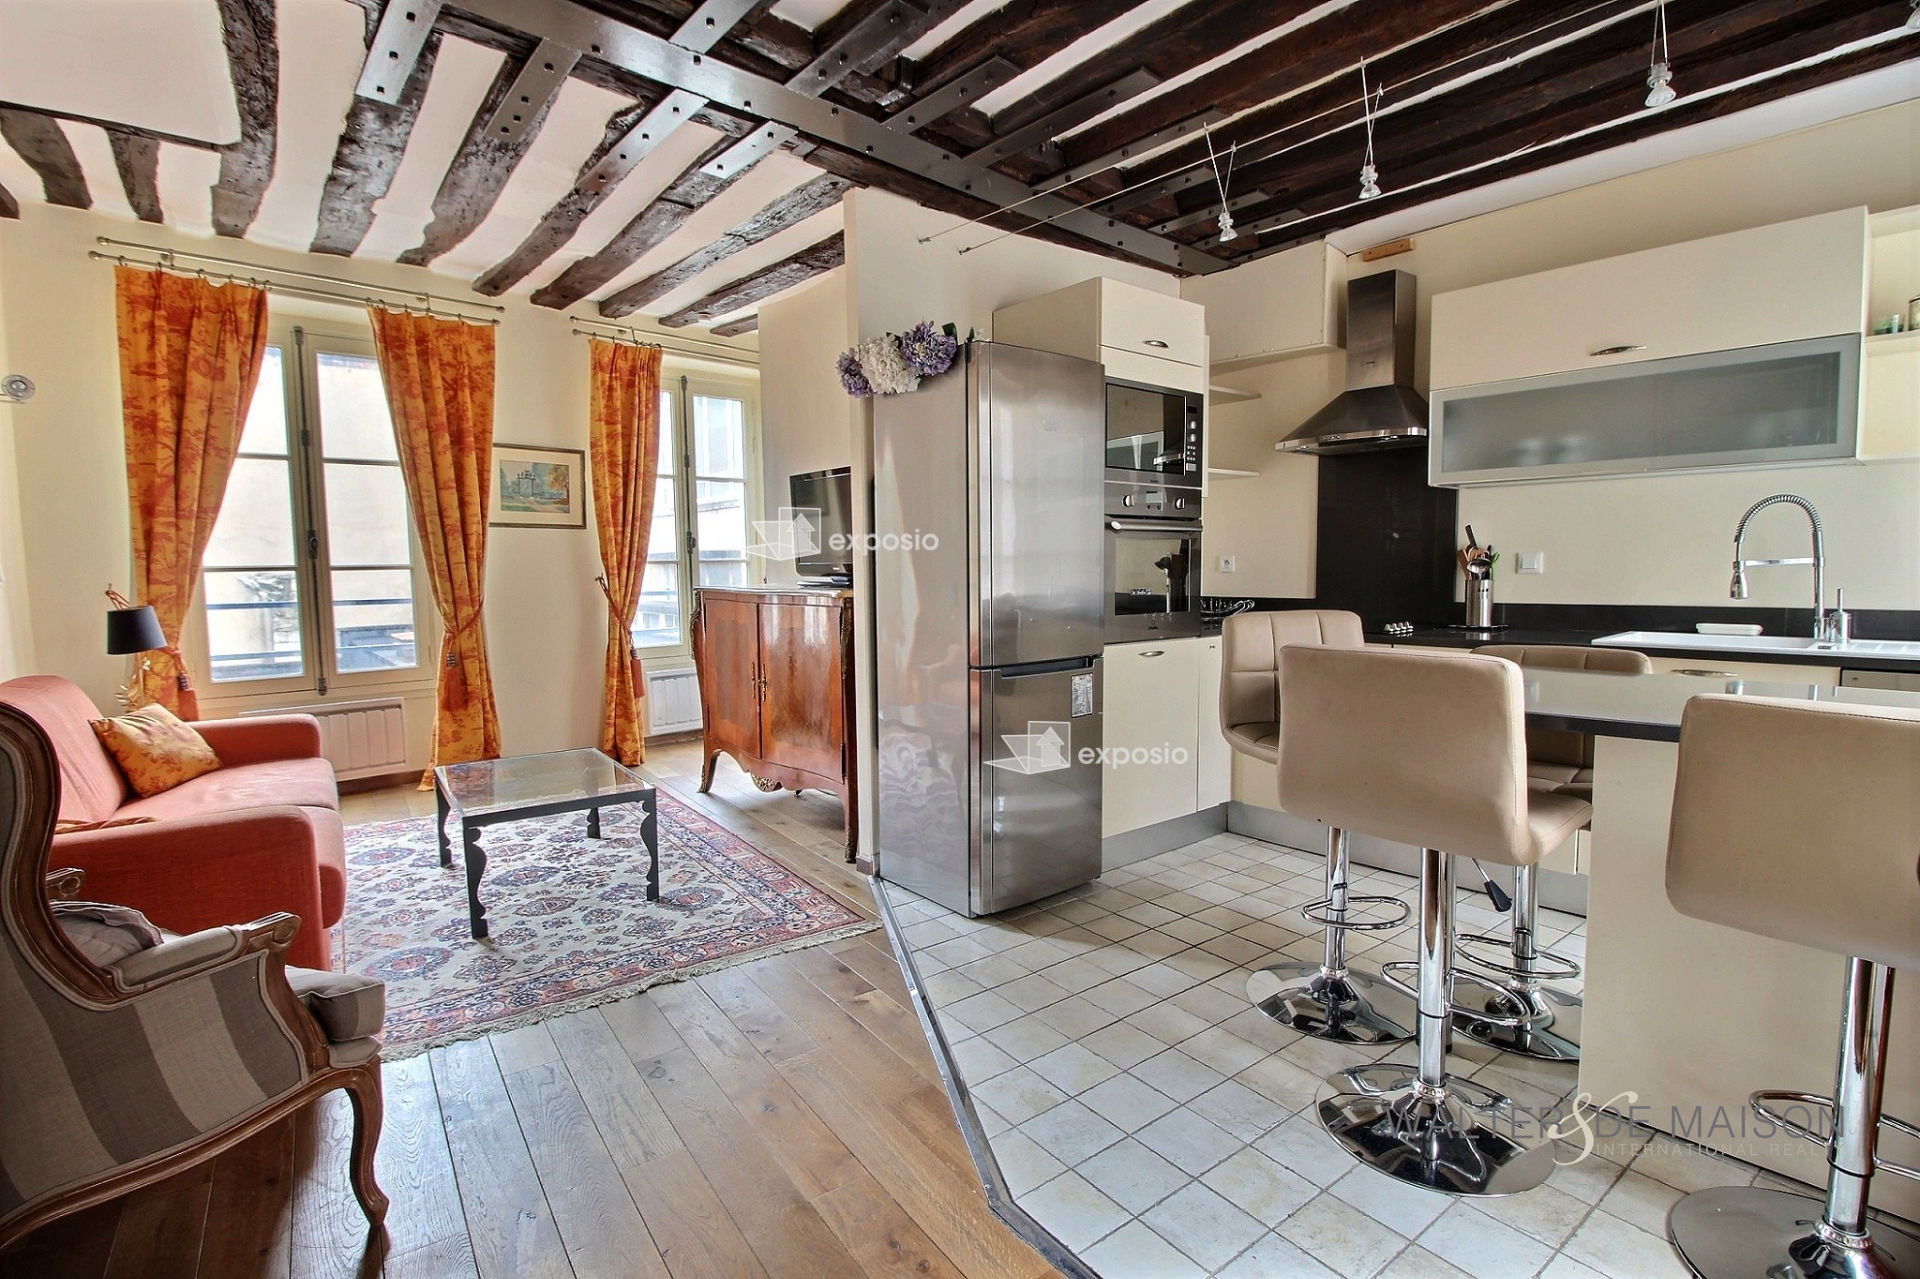 Appartement 2 pièce(s) 45 m²                         75003 PARIS